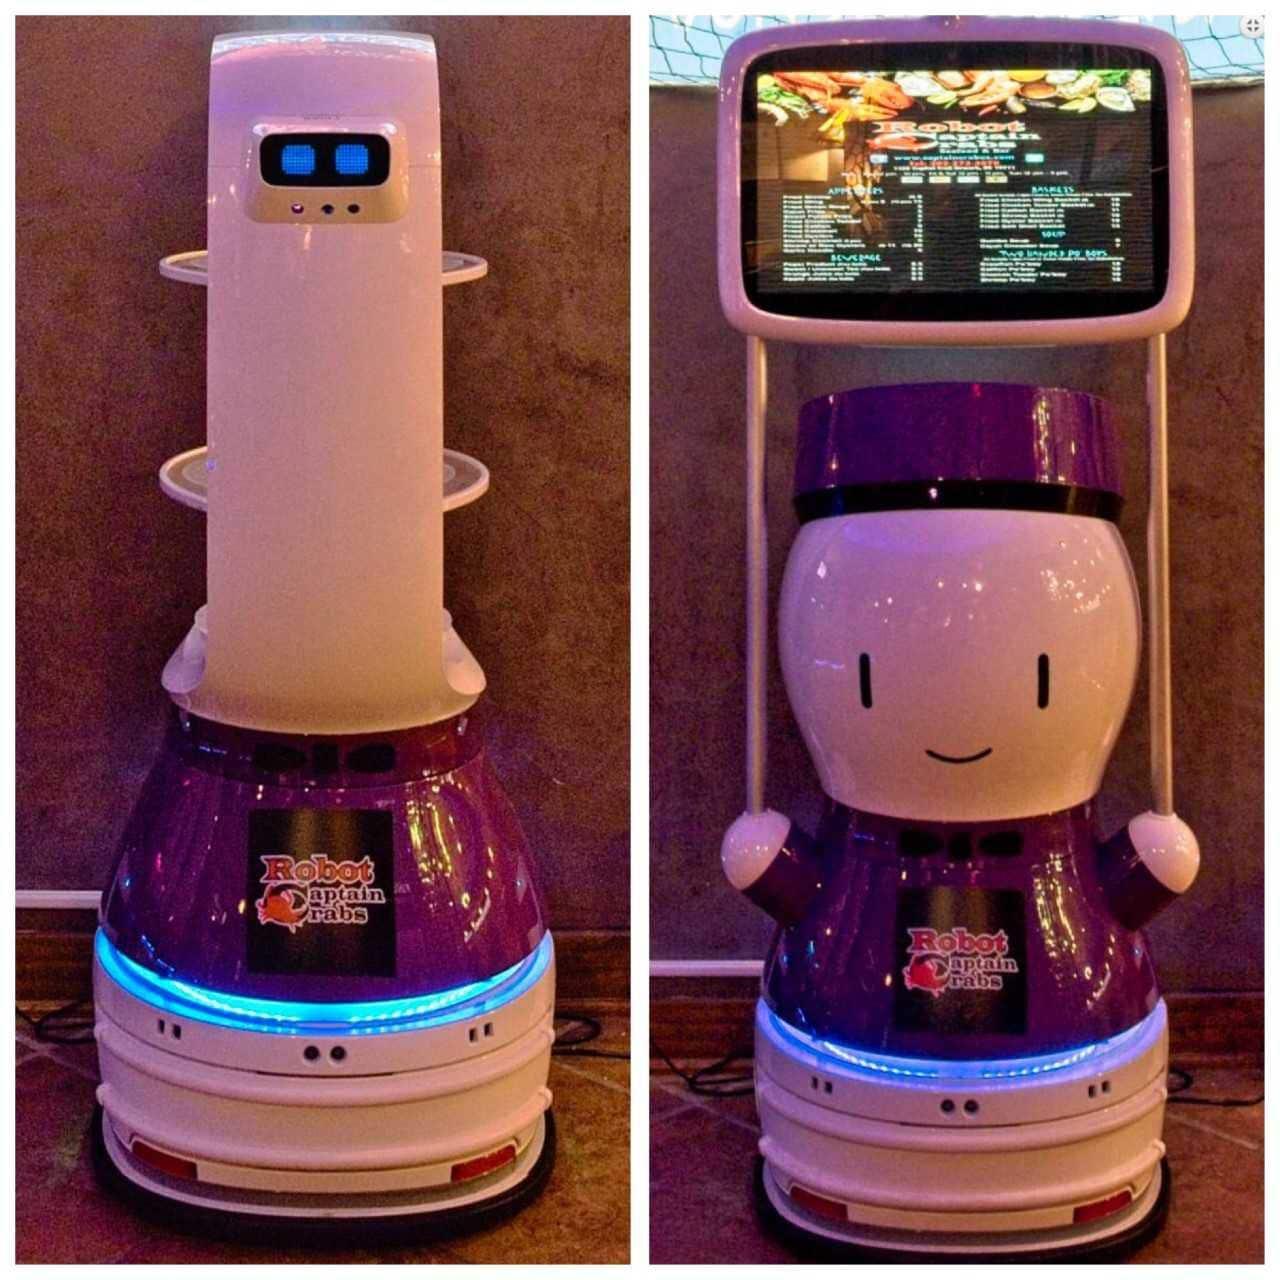 中国机器人漂洋过海服务美国餐馆 广受食客好评